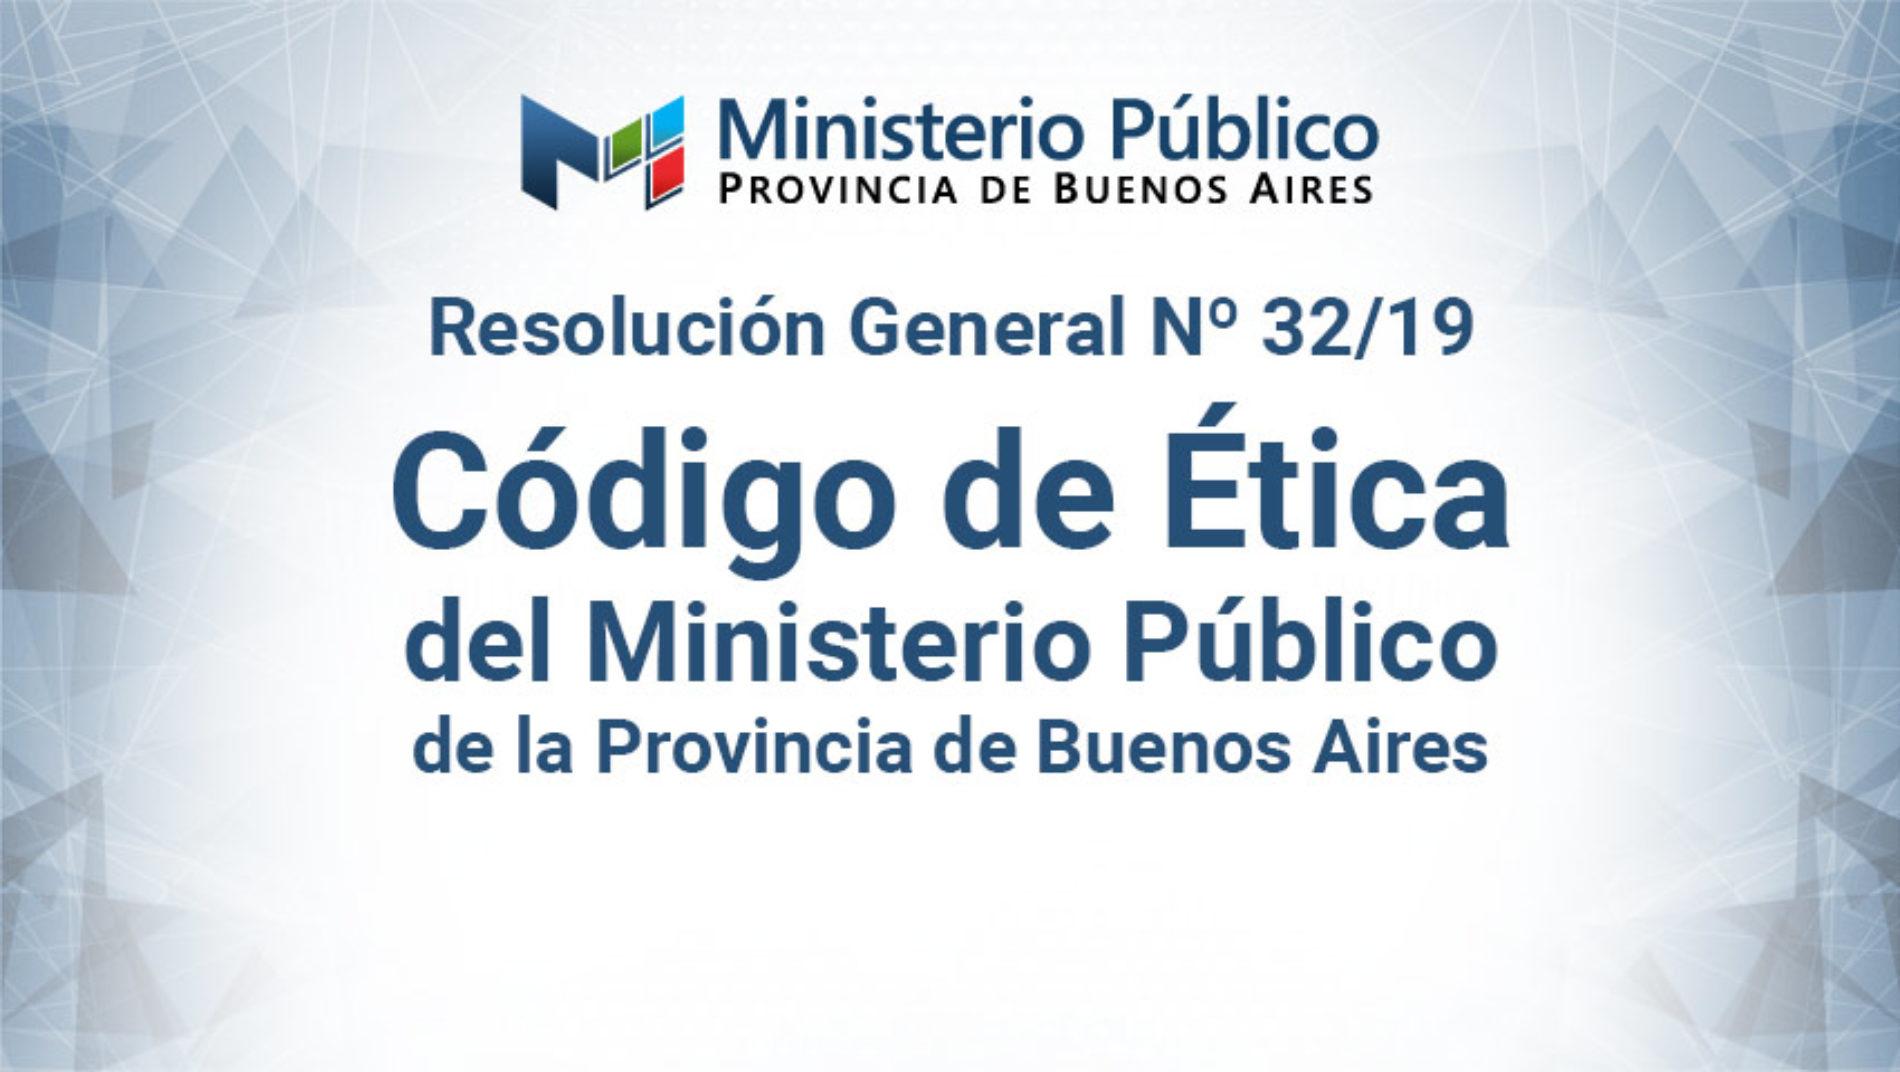 «Código de Ética del Ministerio Público de la provincia de Buenos Aires»